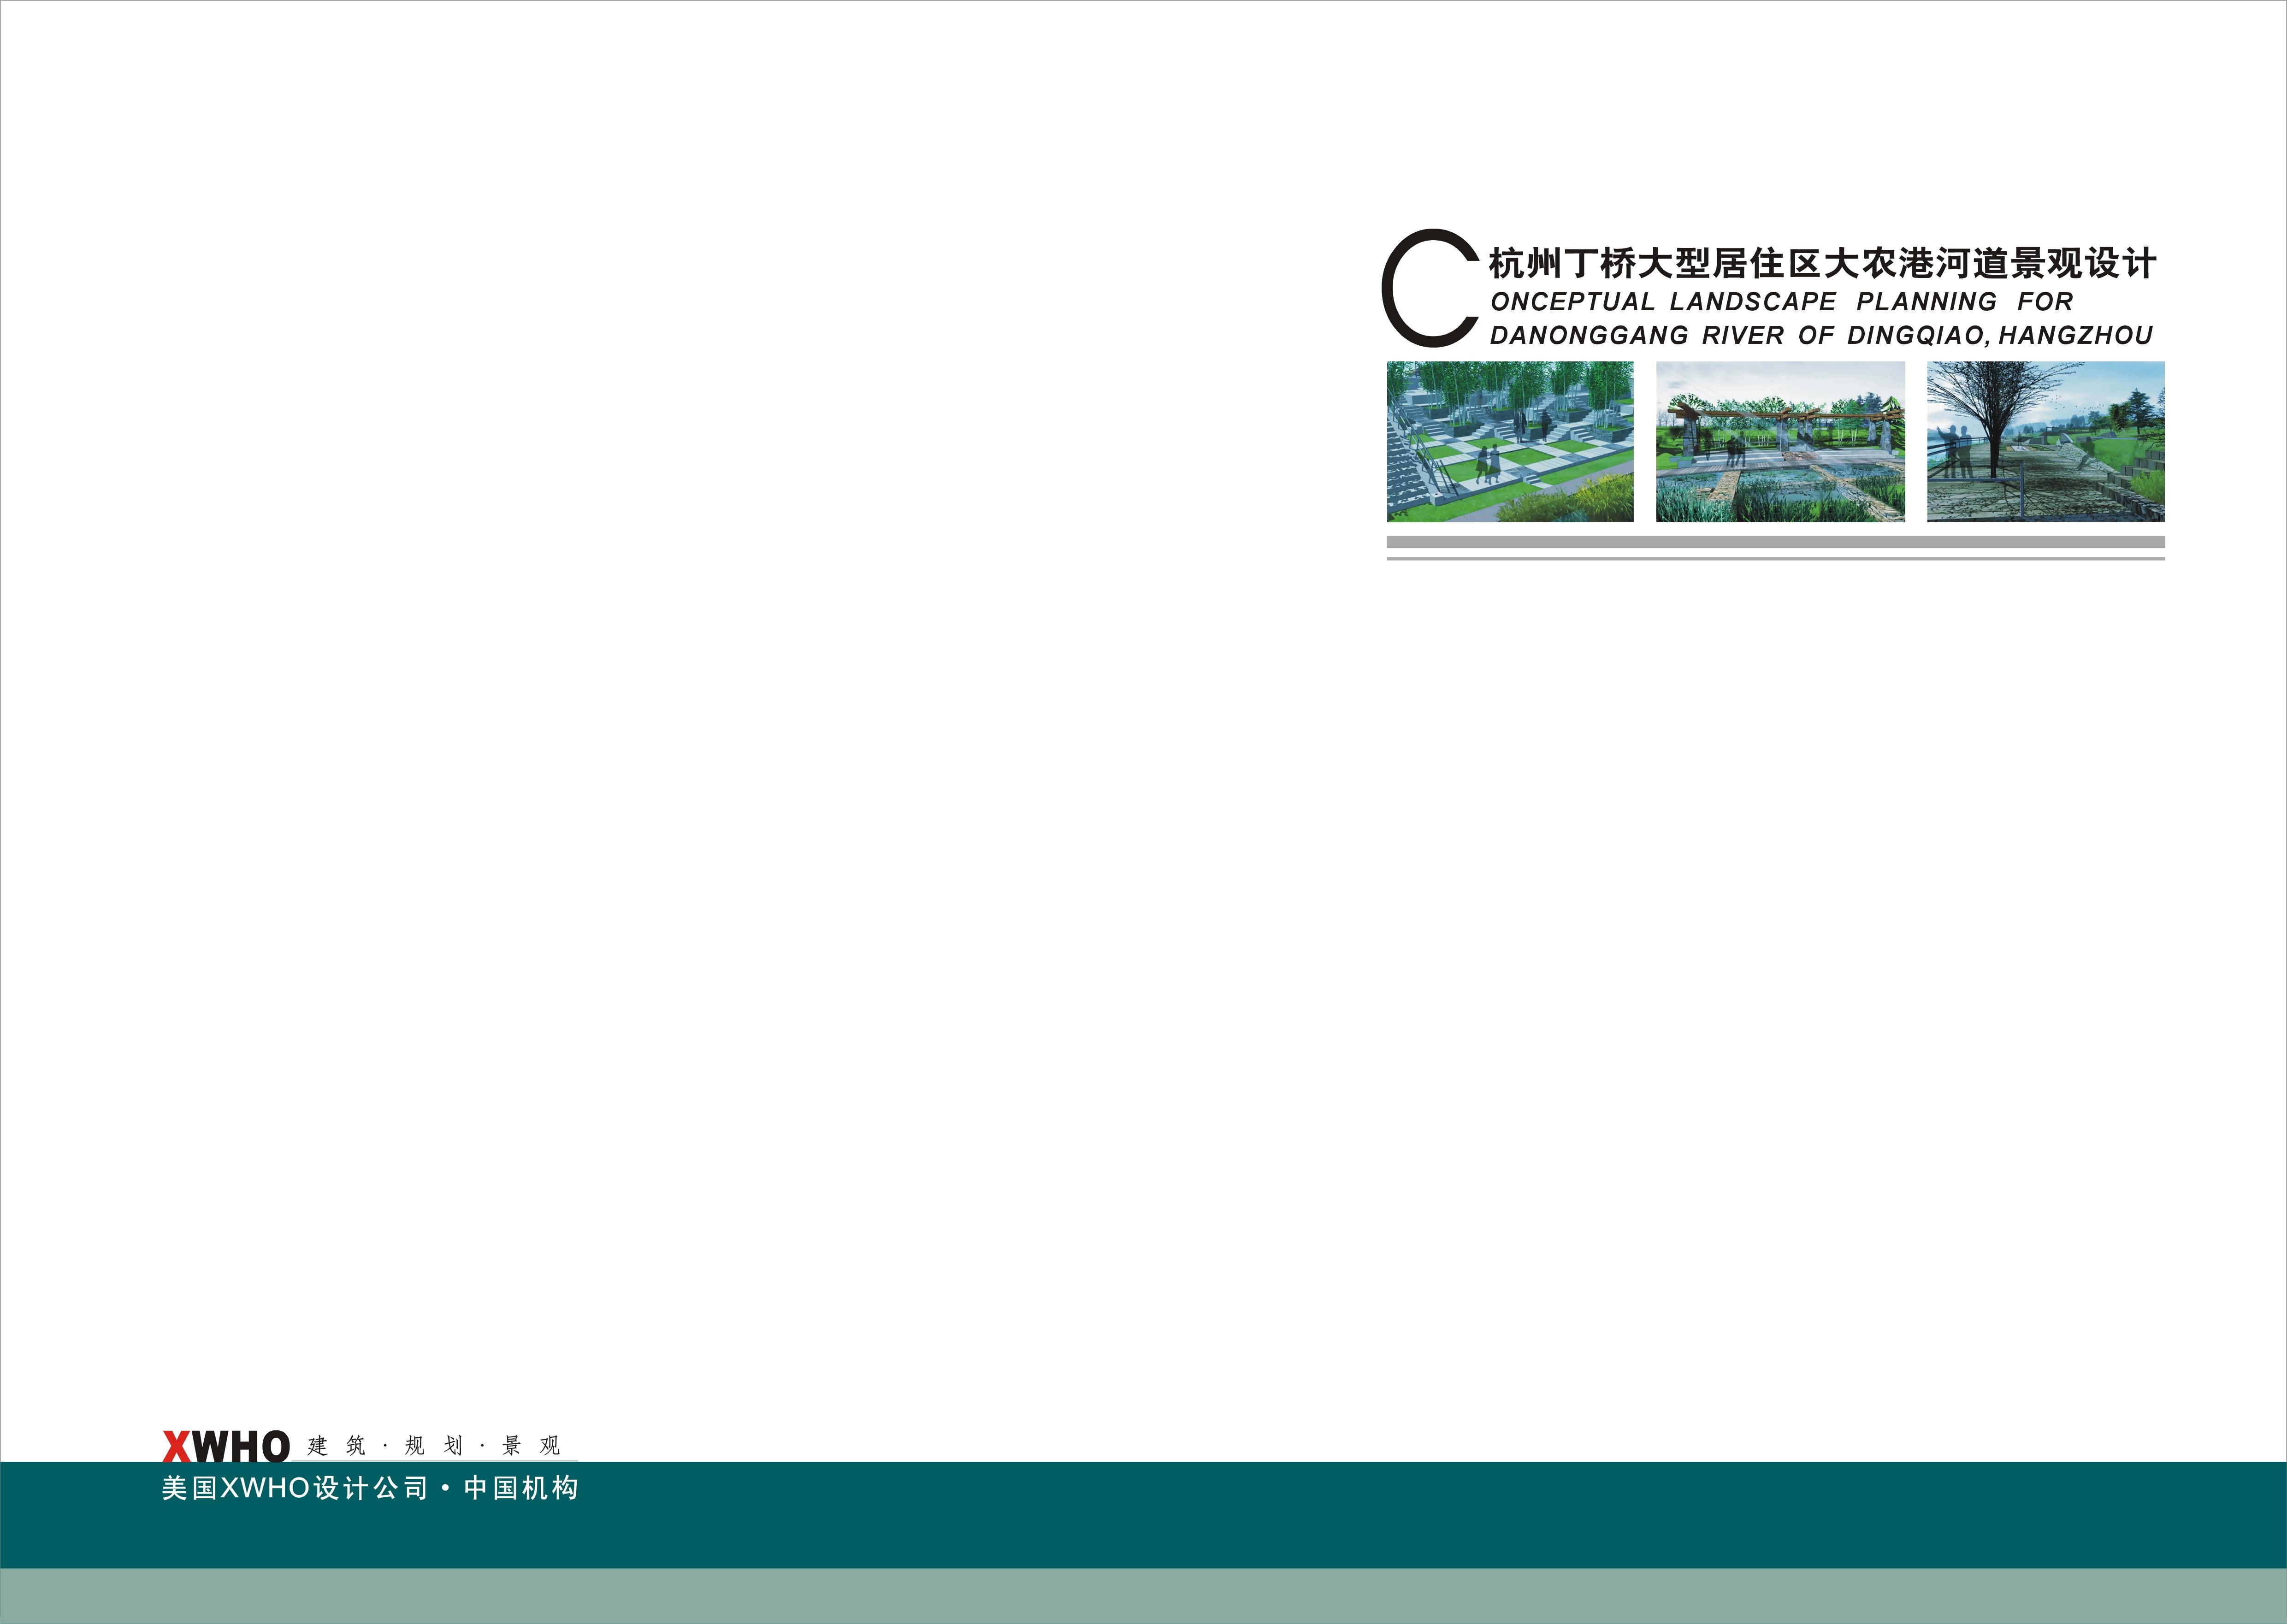 [杭州]居住区两岸河道绿化景观规划设计方案图片1